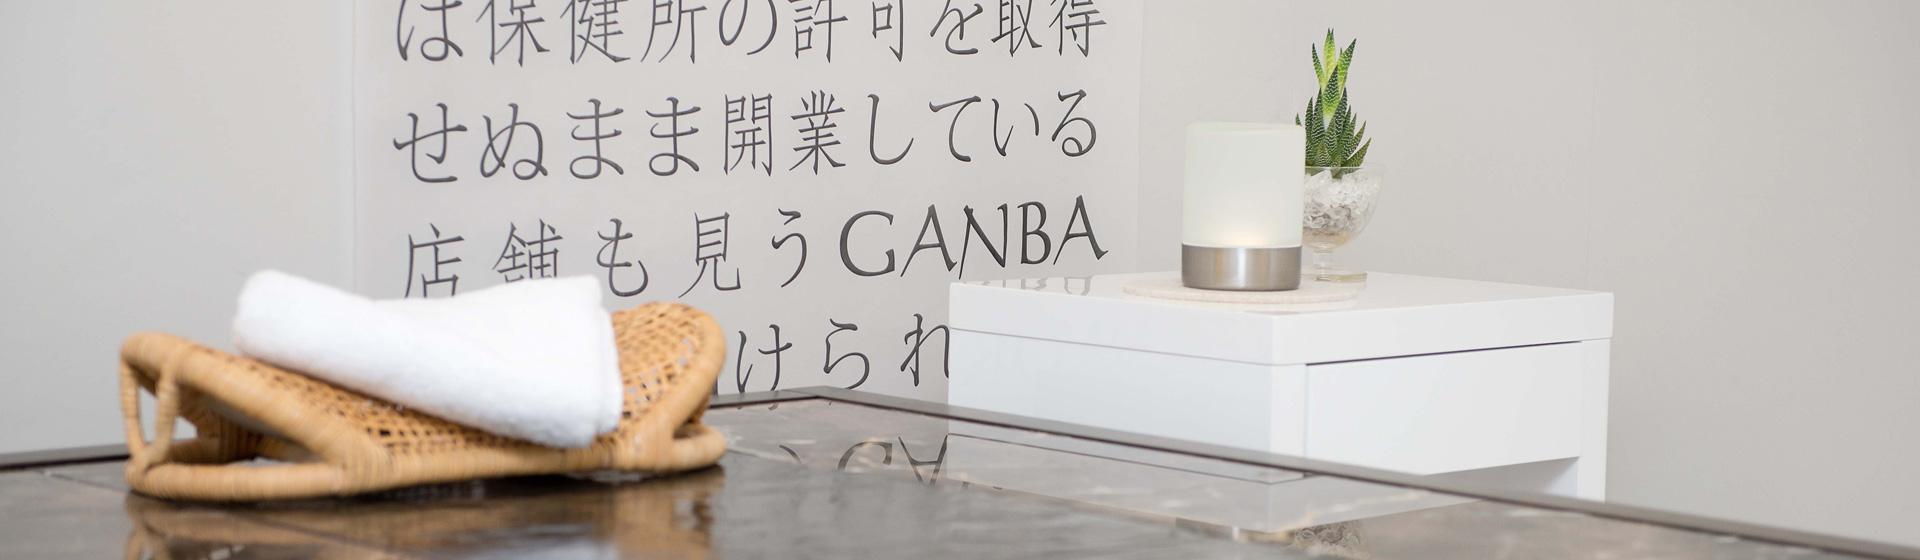 Ganbanyoku